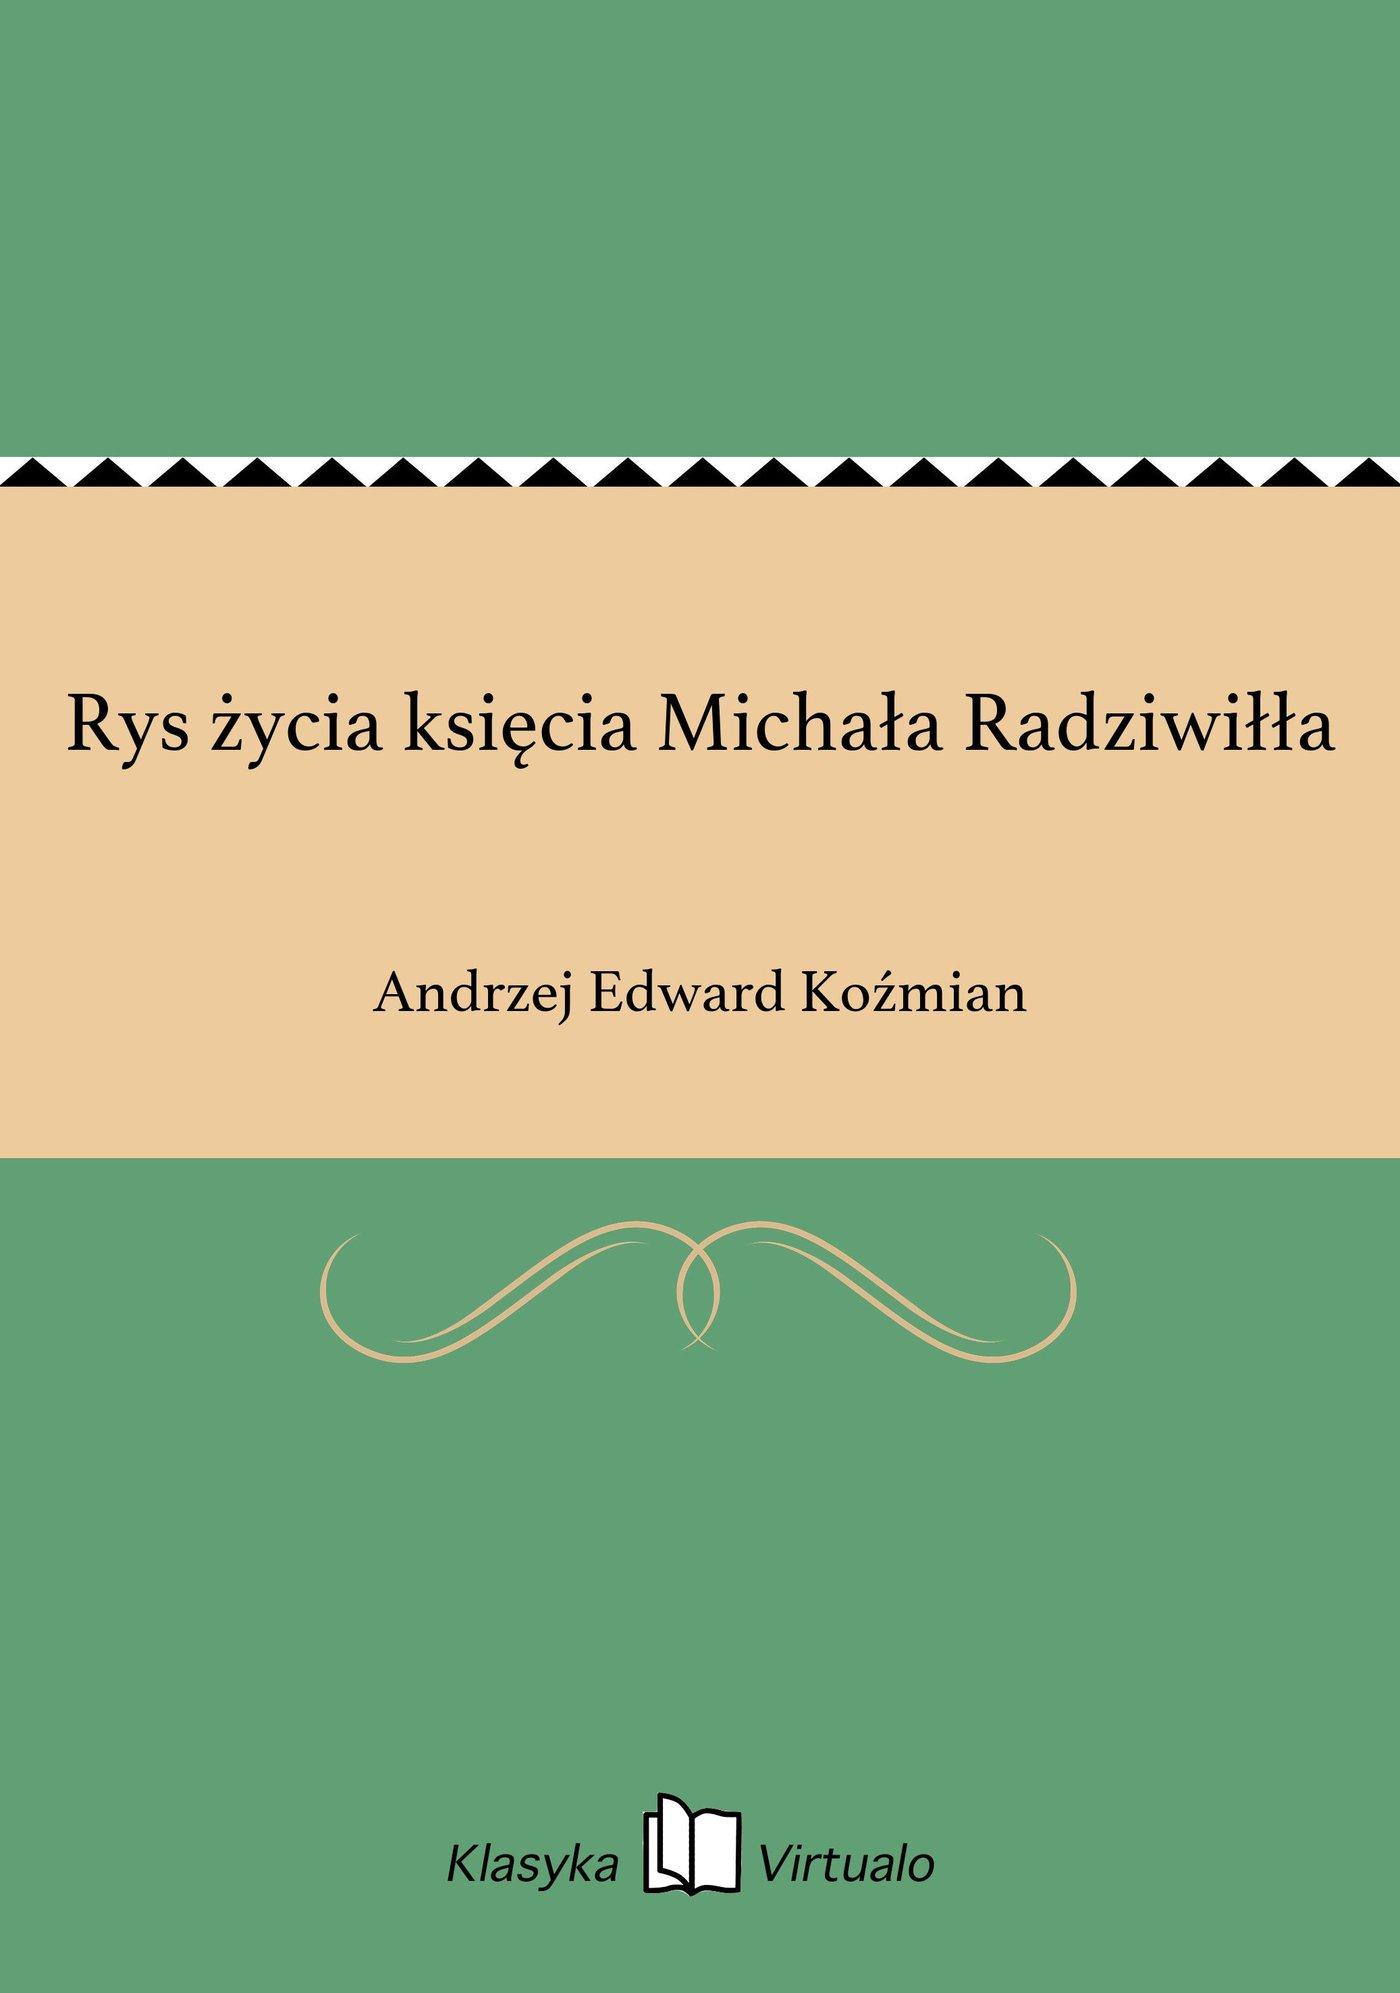 Rys życia księcia Michała Radziwiłła - Ebook (Książka EPUB) do pobrania w formacie EPUB